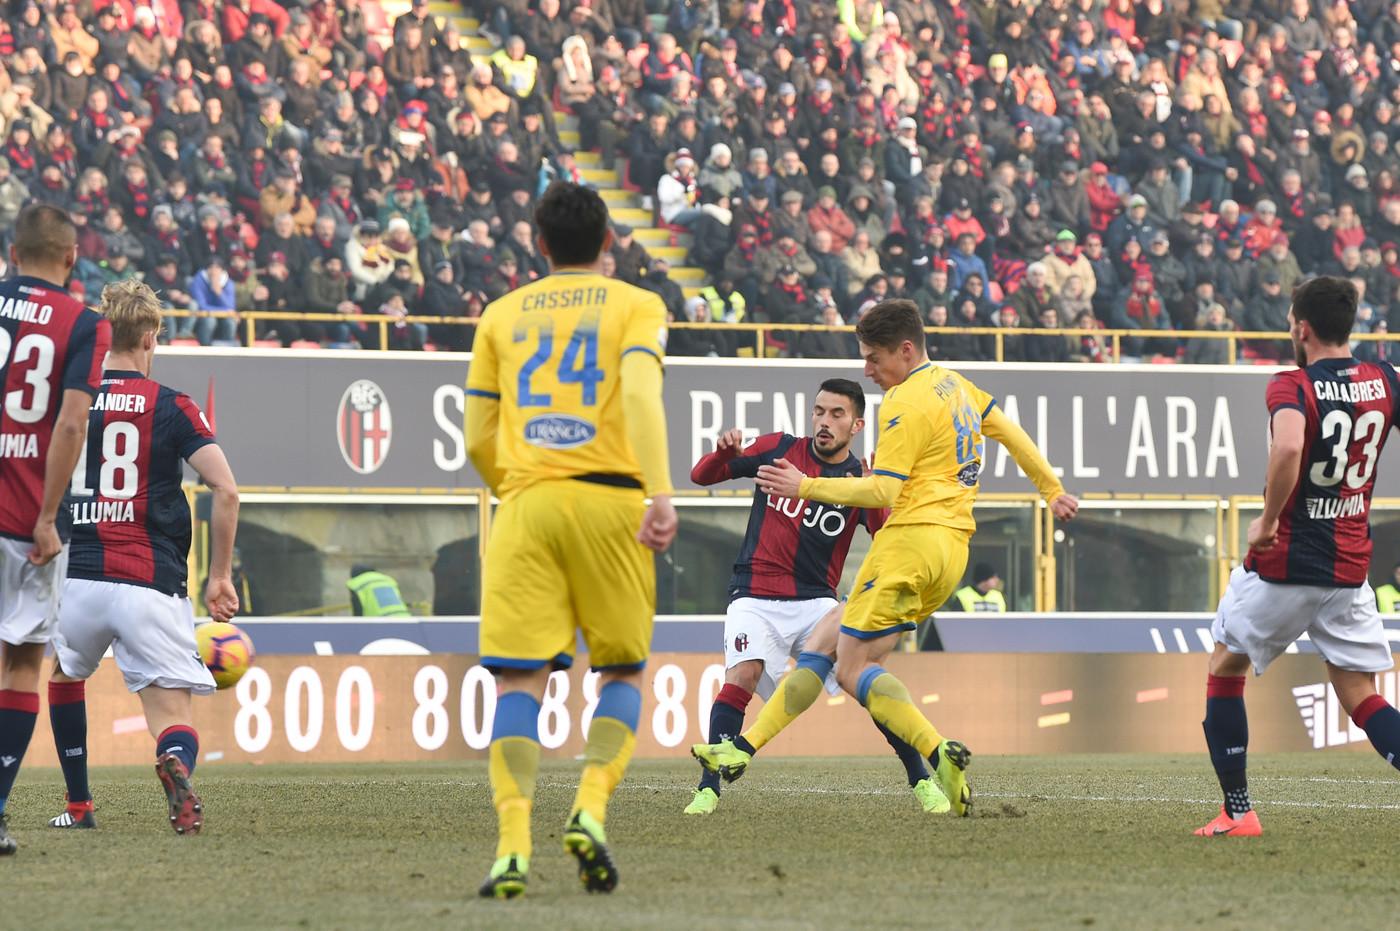 Serie A, Bologna-Frosinone 0-4 | Il Fotoracconto - LaPresse